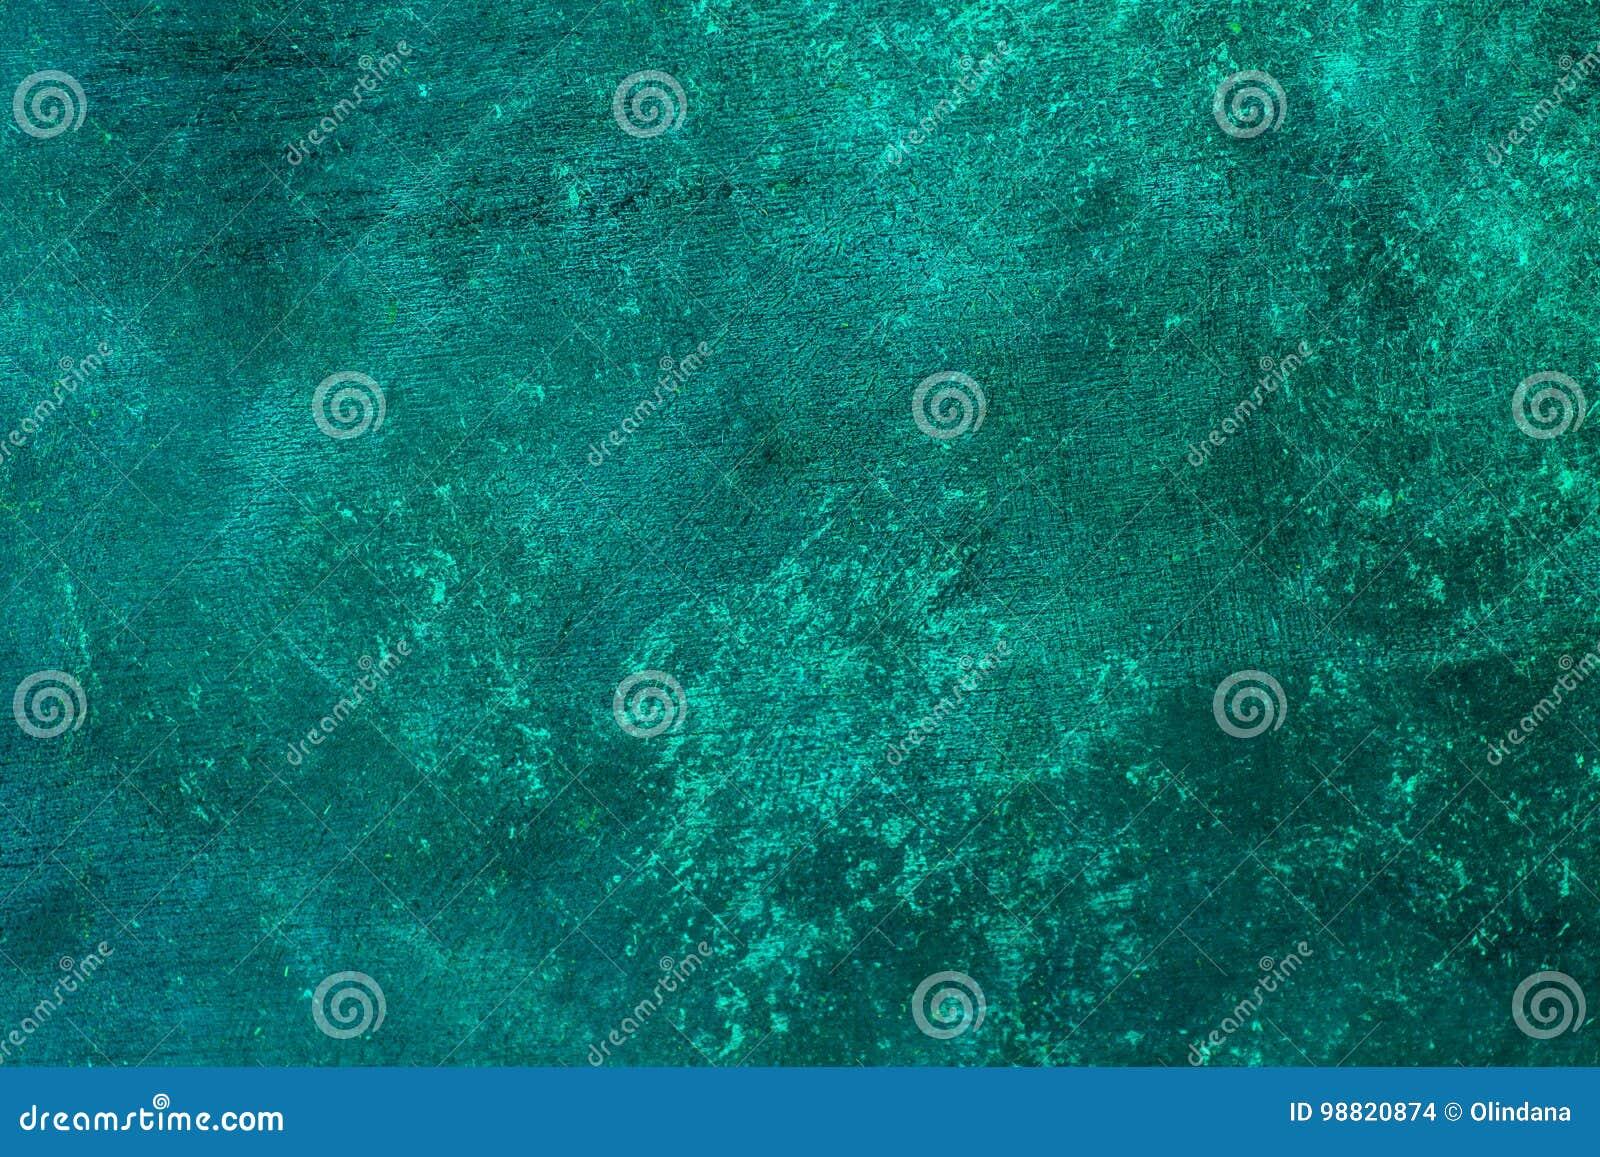 老困厄的蓝色绿松石生锈了与概略的纹理的黄铜背景 弄脏,梯度,具体